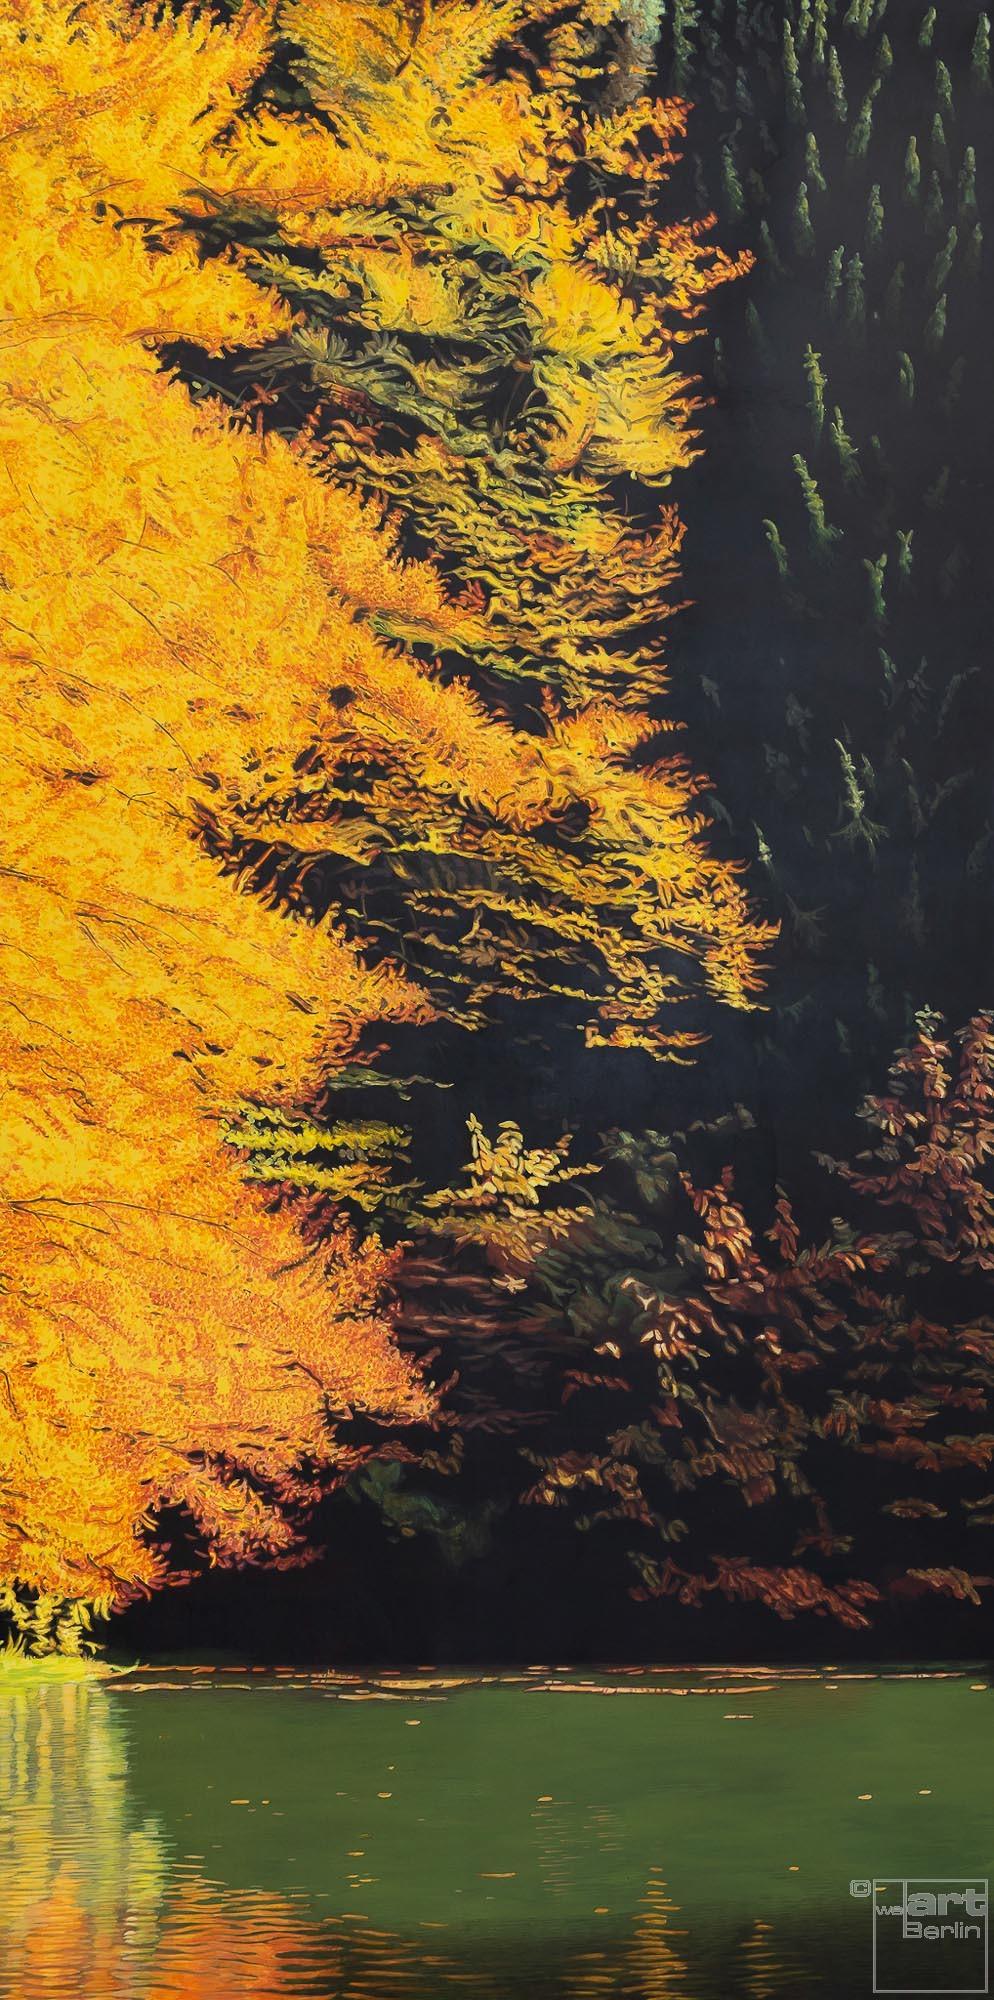 Kraft | Malerei von Sven Wiebers | Acryl auf Leinwand, realistisch